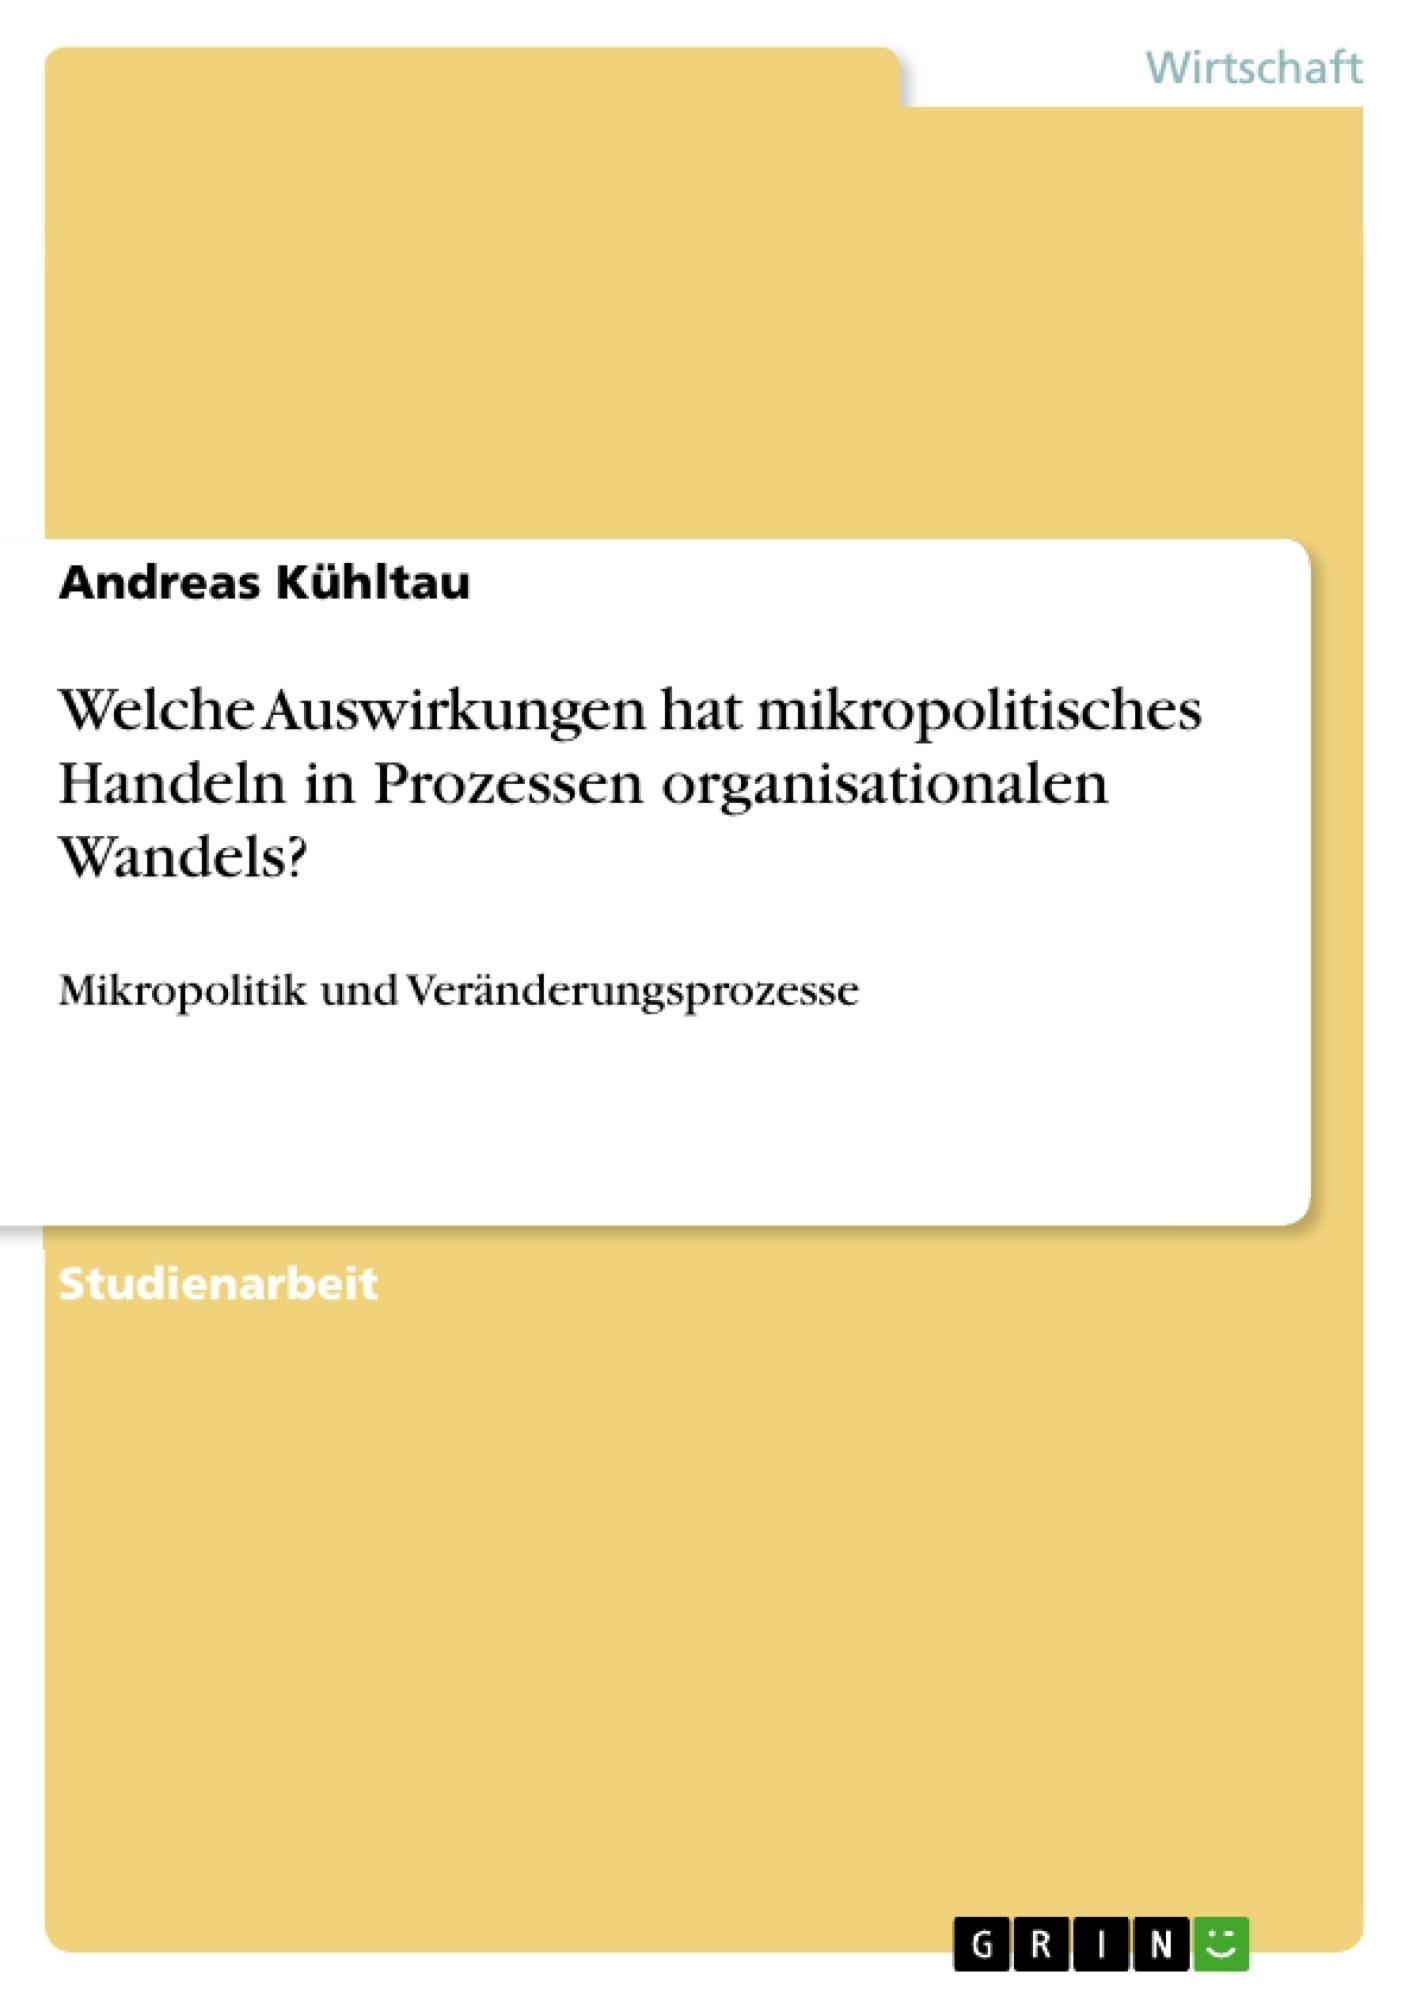 Titel: Welche Auswirkungen hat mikropolitisches Handeln in Prozessen organisationalen Wandels?